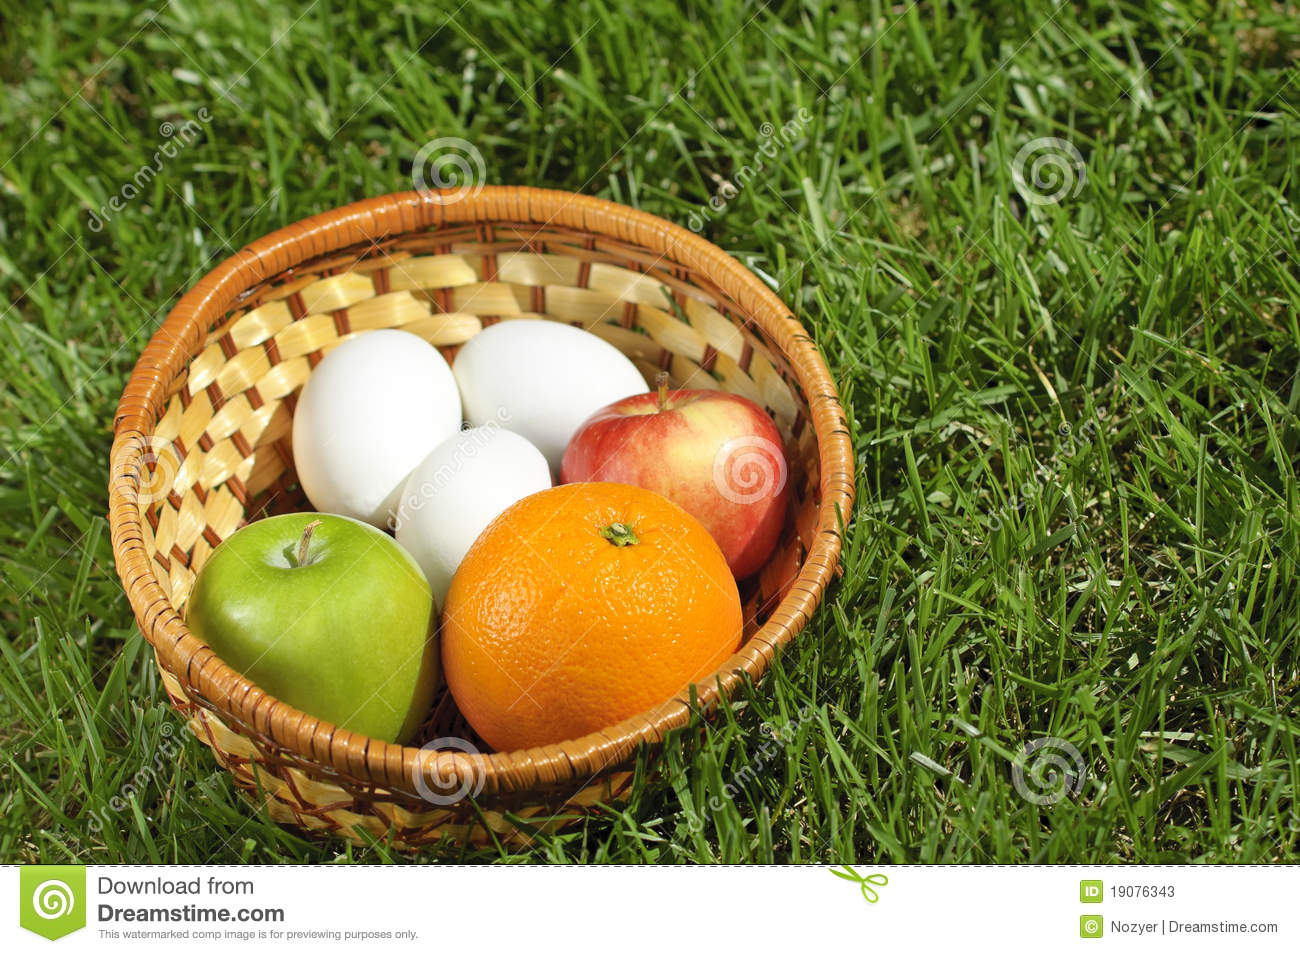 wicker-basket-fruits-eggs-grass-19076343